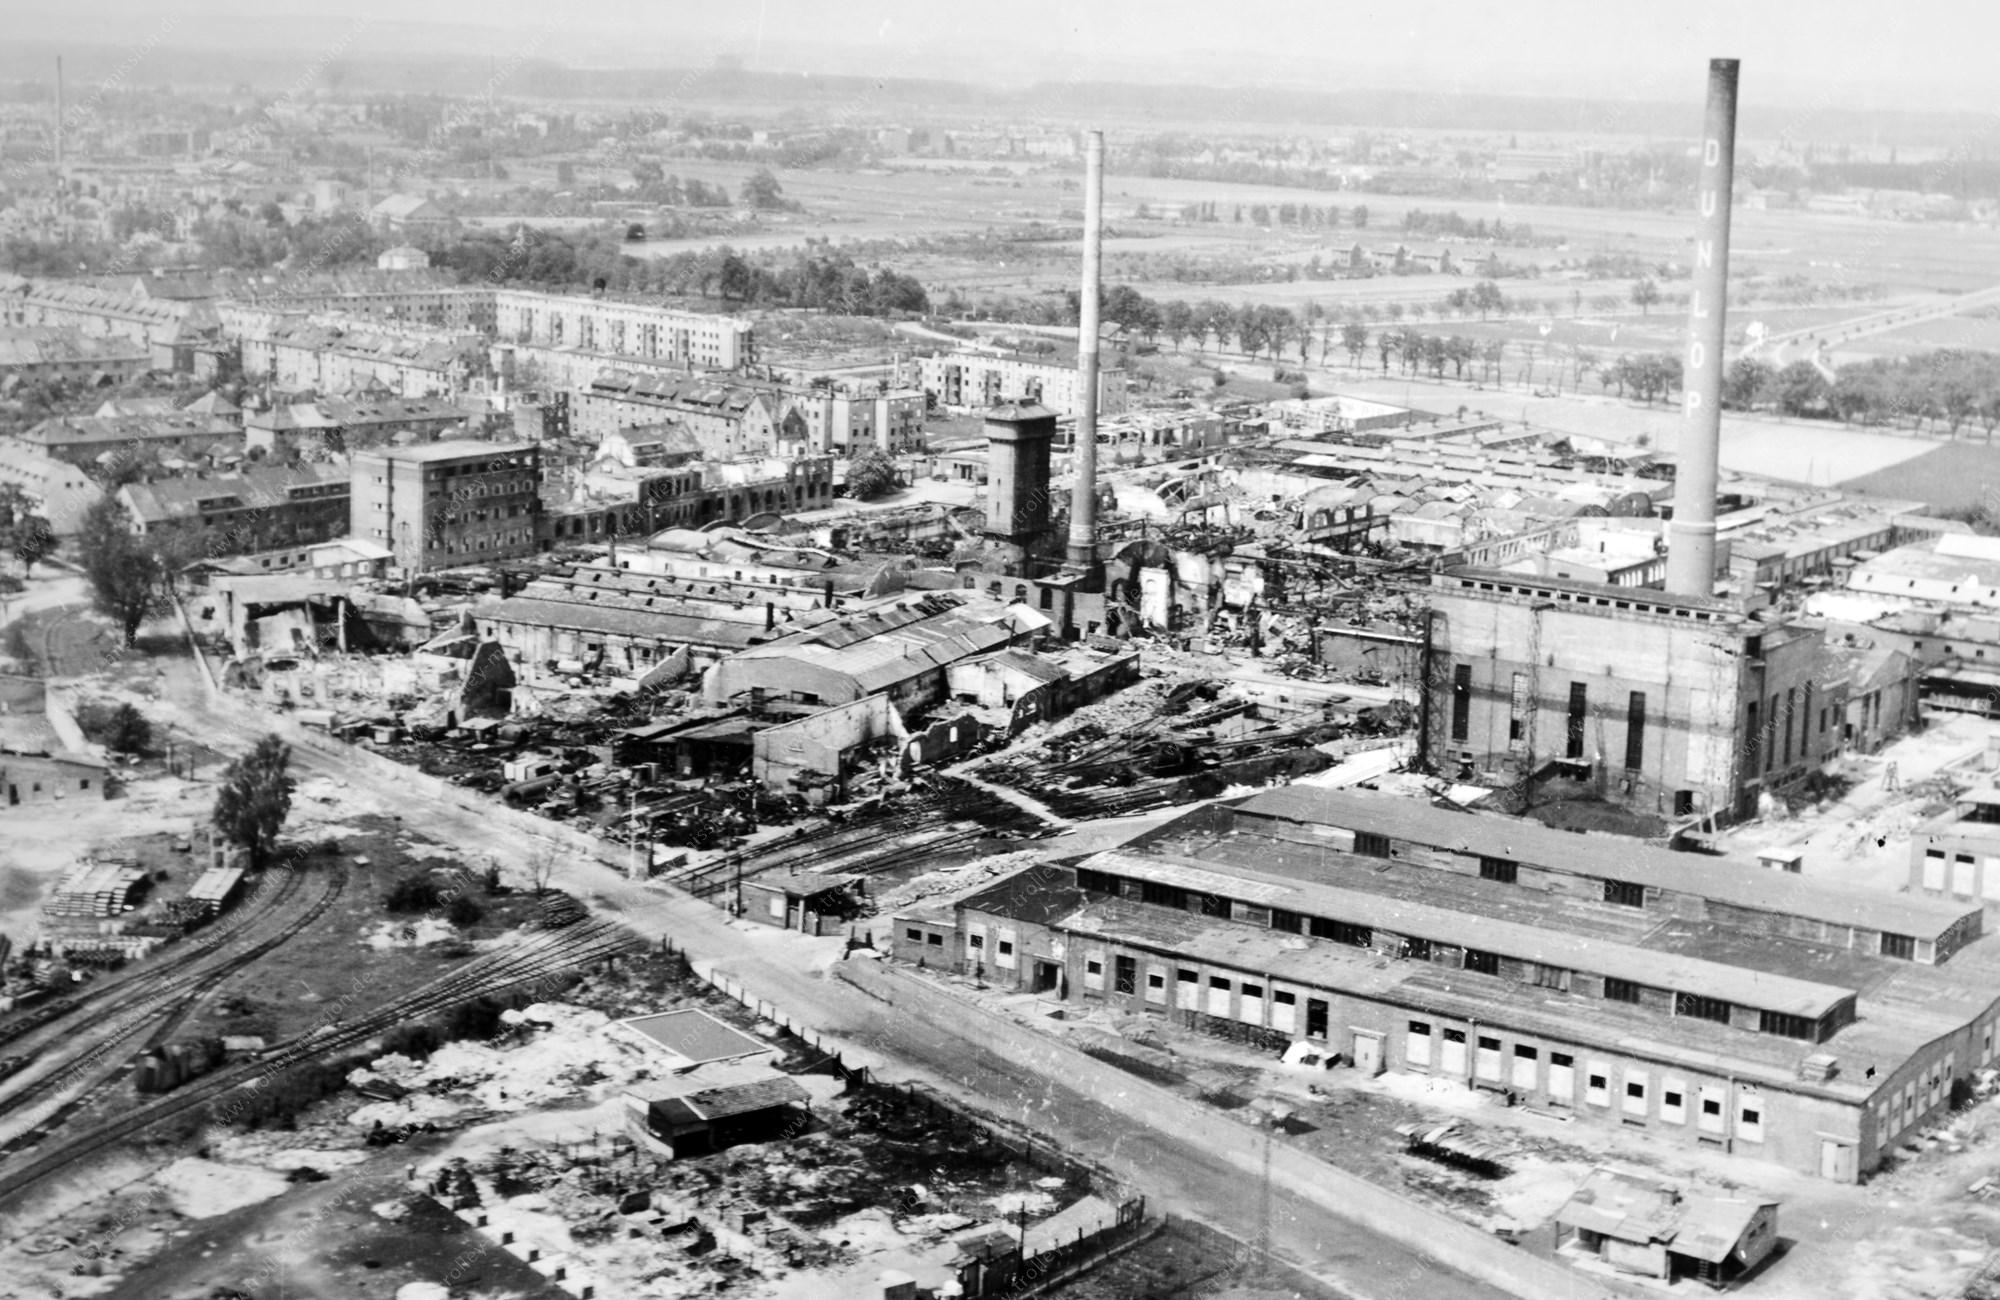 Dunlop Pneumatic Tire Company: Werksgelände der Hanauer Reifenfabrik im Mai 1945